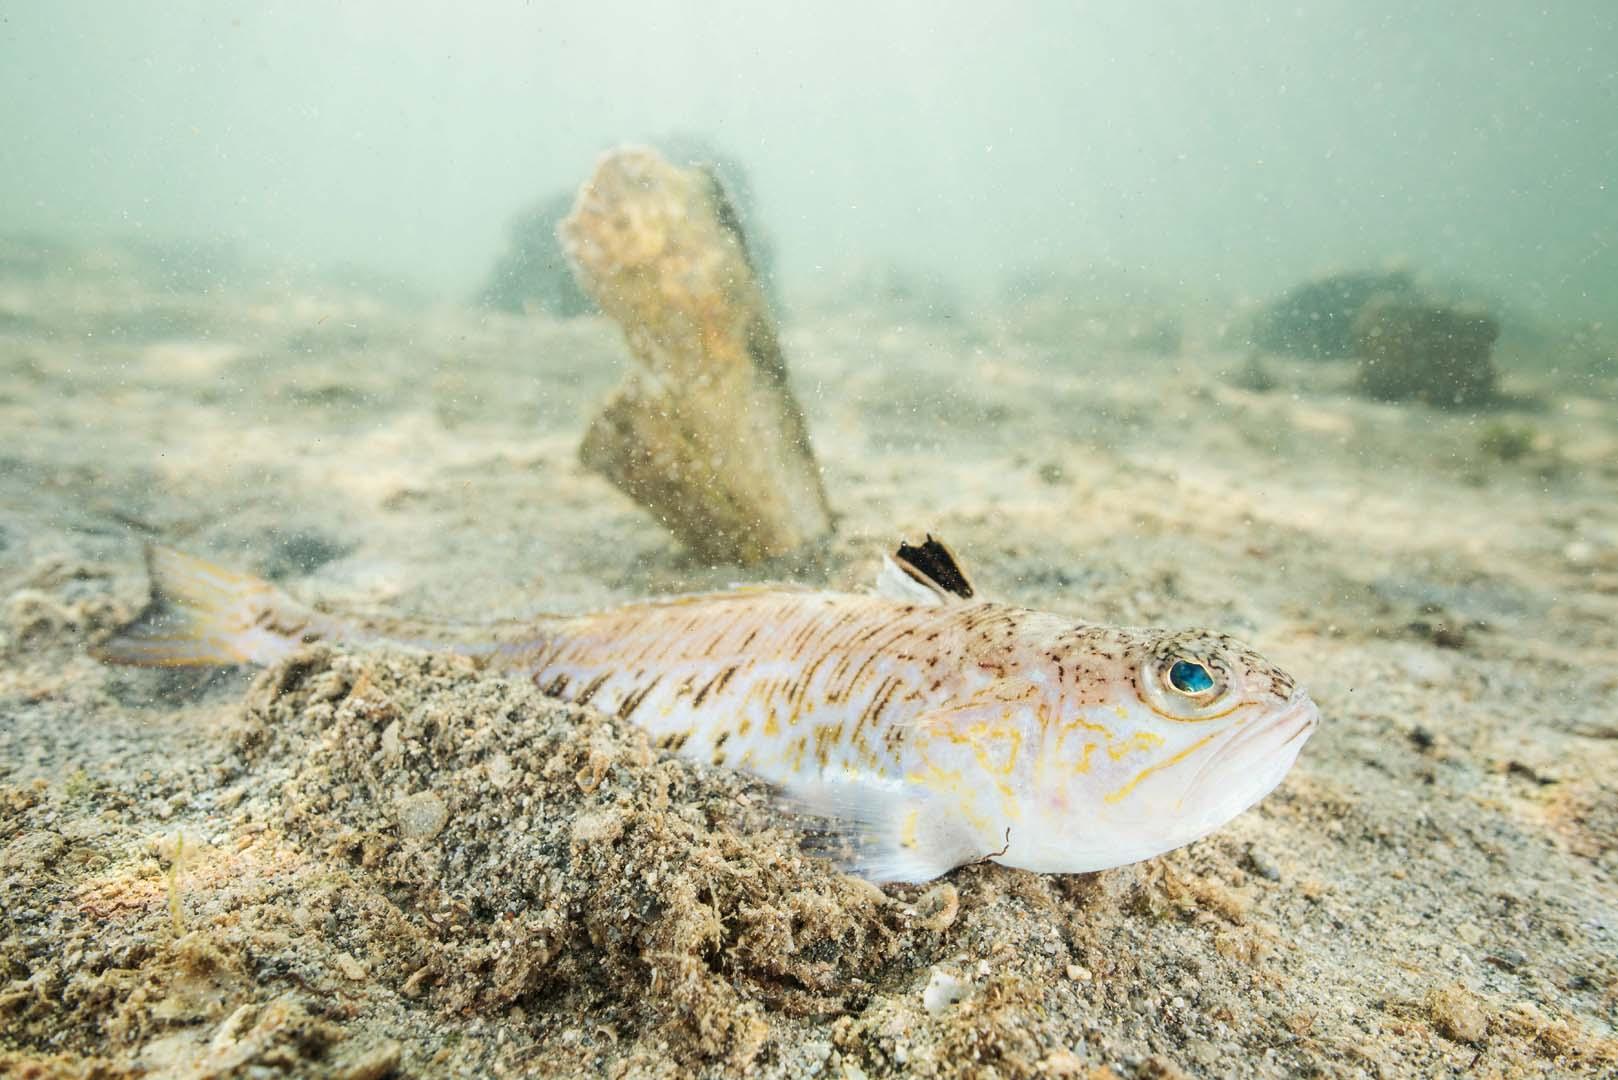 Ejemplar adulto enterrándose en el arenal, al fondo una nacra.